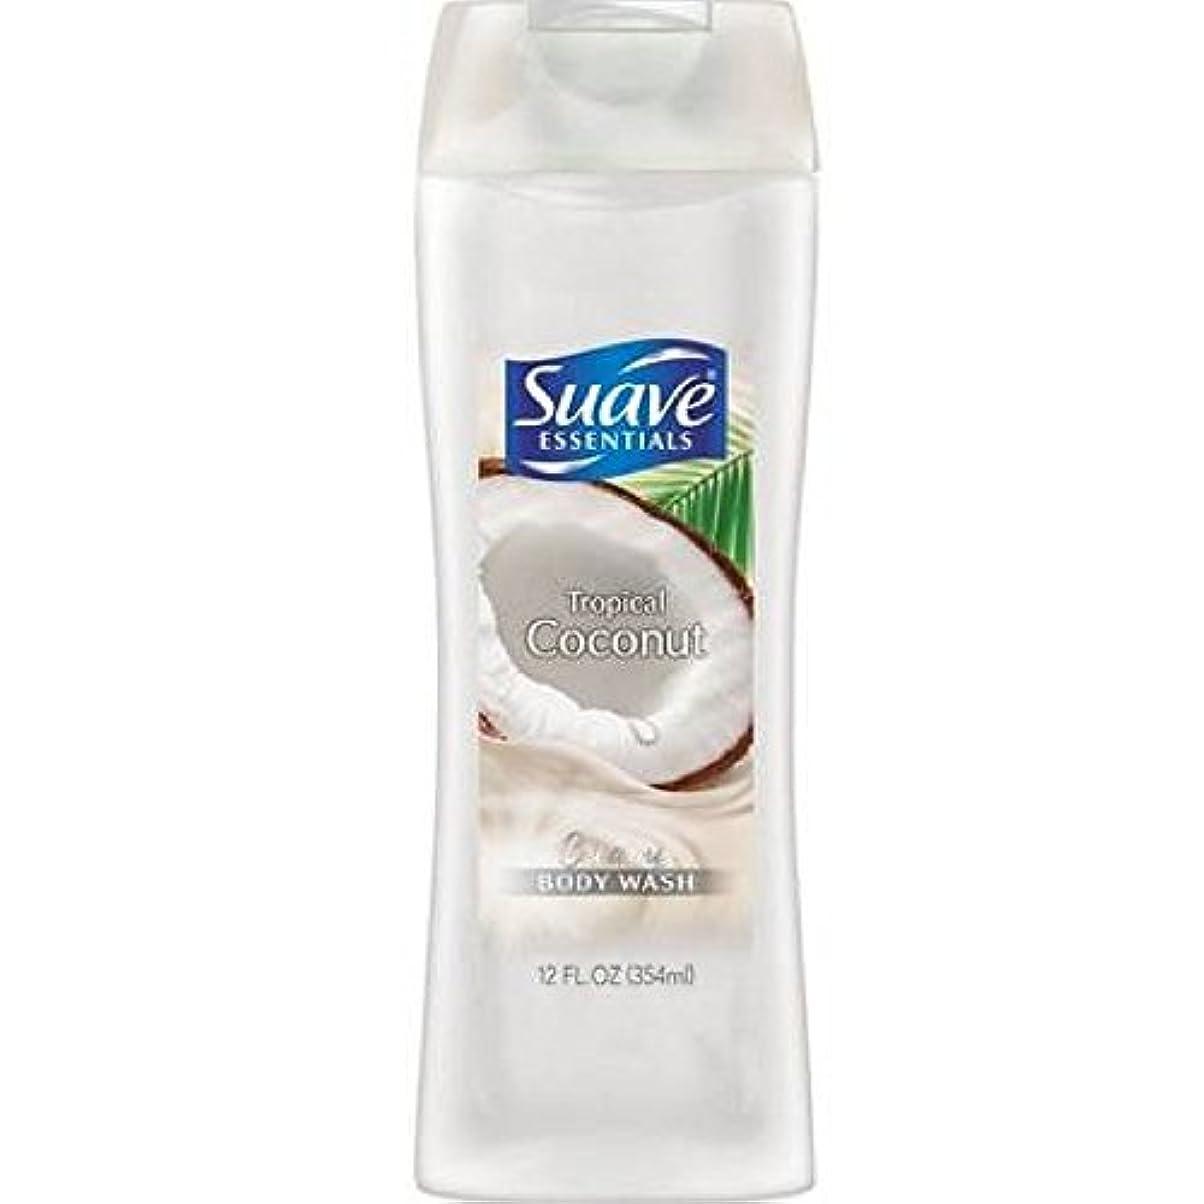 厚さナーススイッチSuave Naturals Body Wash - Tropical Coconut - 12 oz - 2 pk by Suave [並行輸入品]